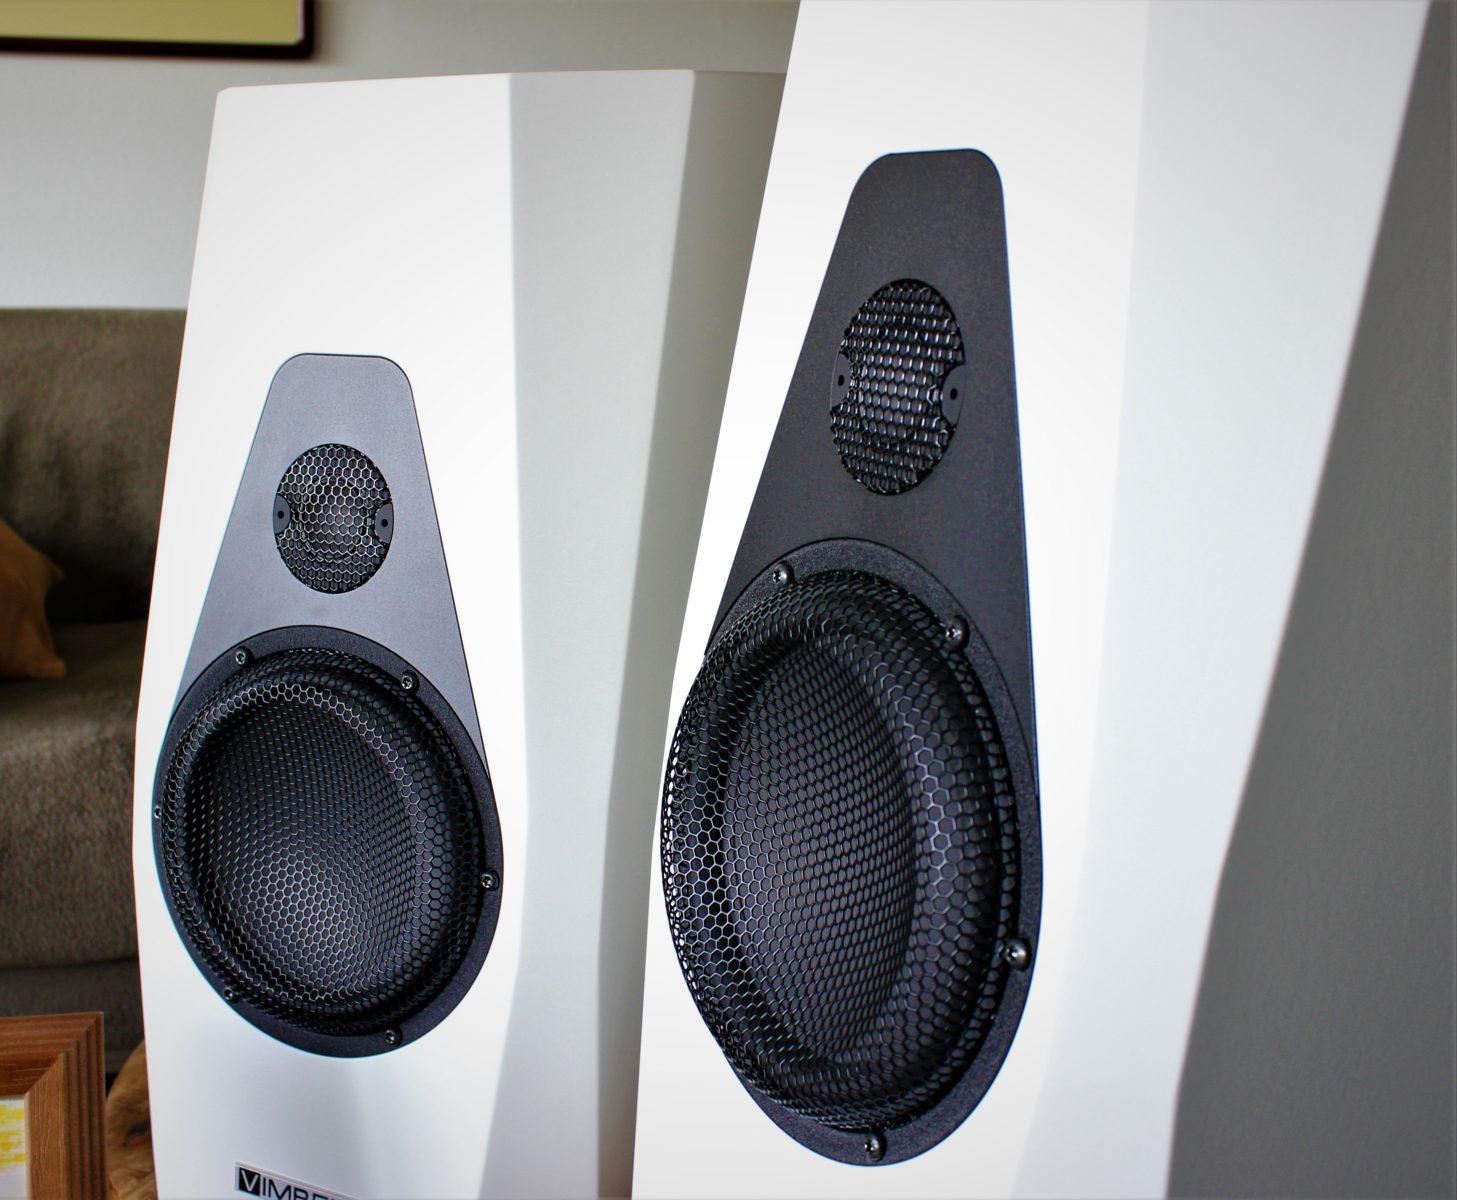 Vimberg Amea Loudspeakers | REVIEW